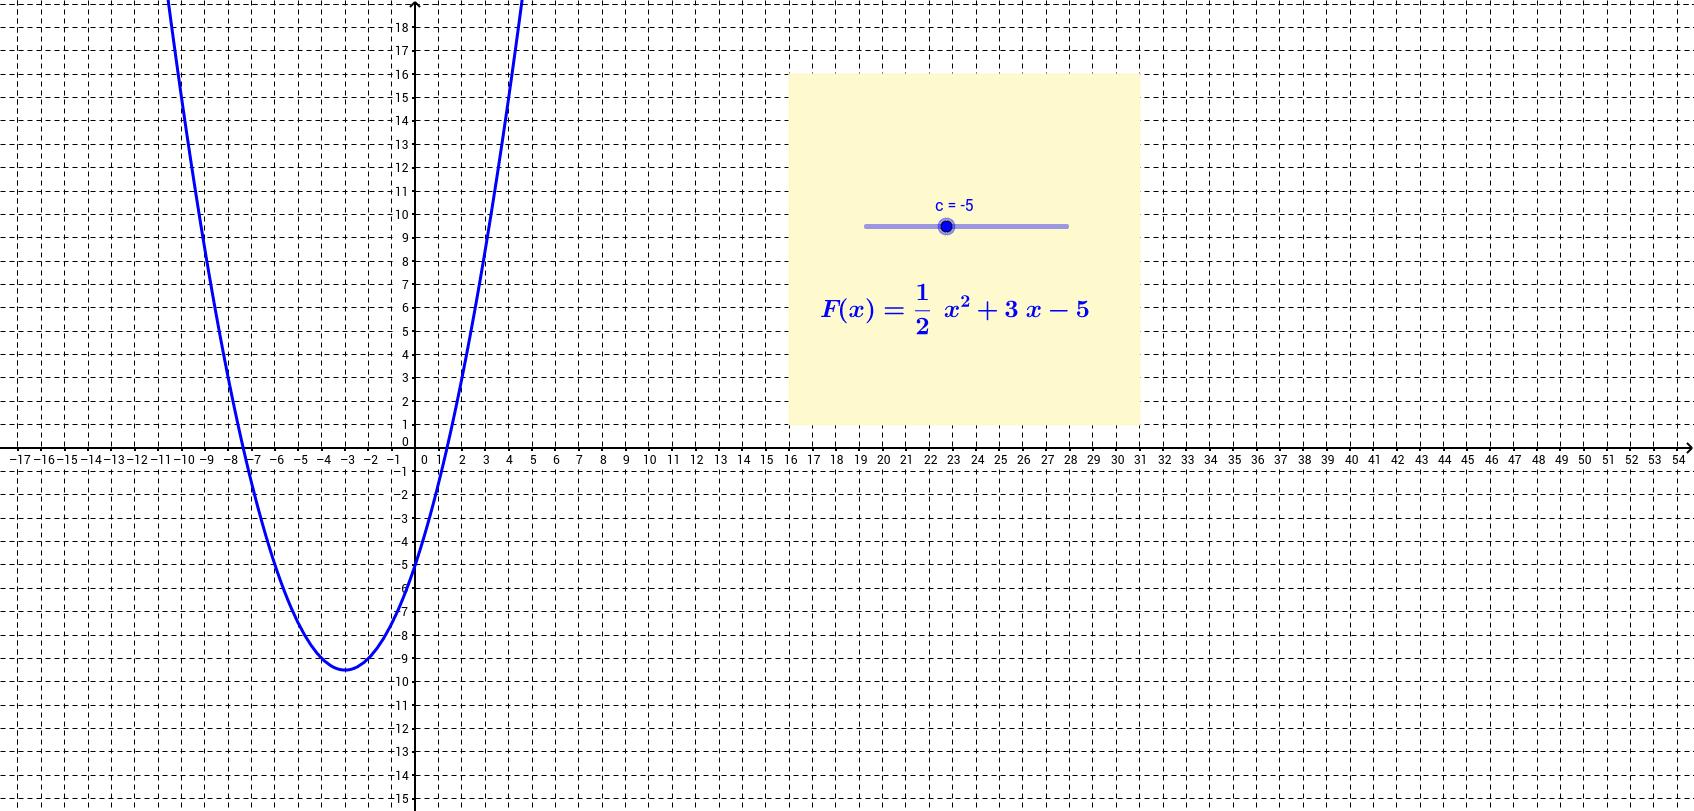 Se integraalifunktio, joka kohdassa x = 5 saa arvon 10.